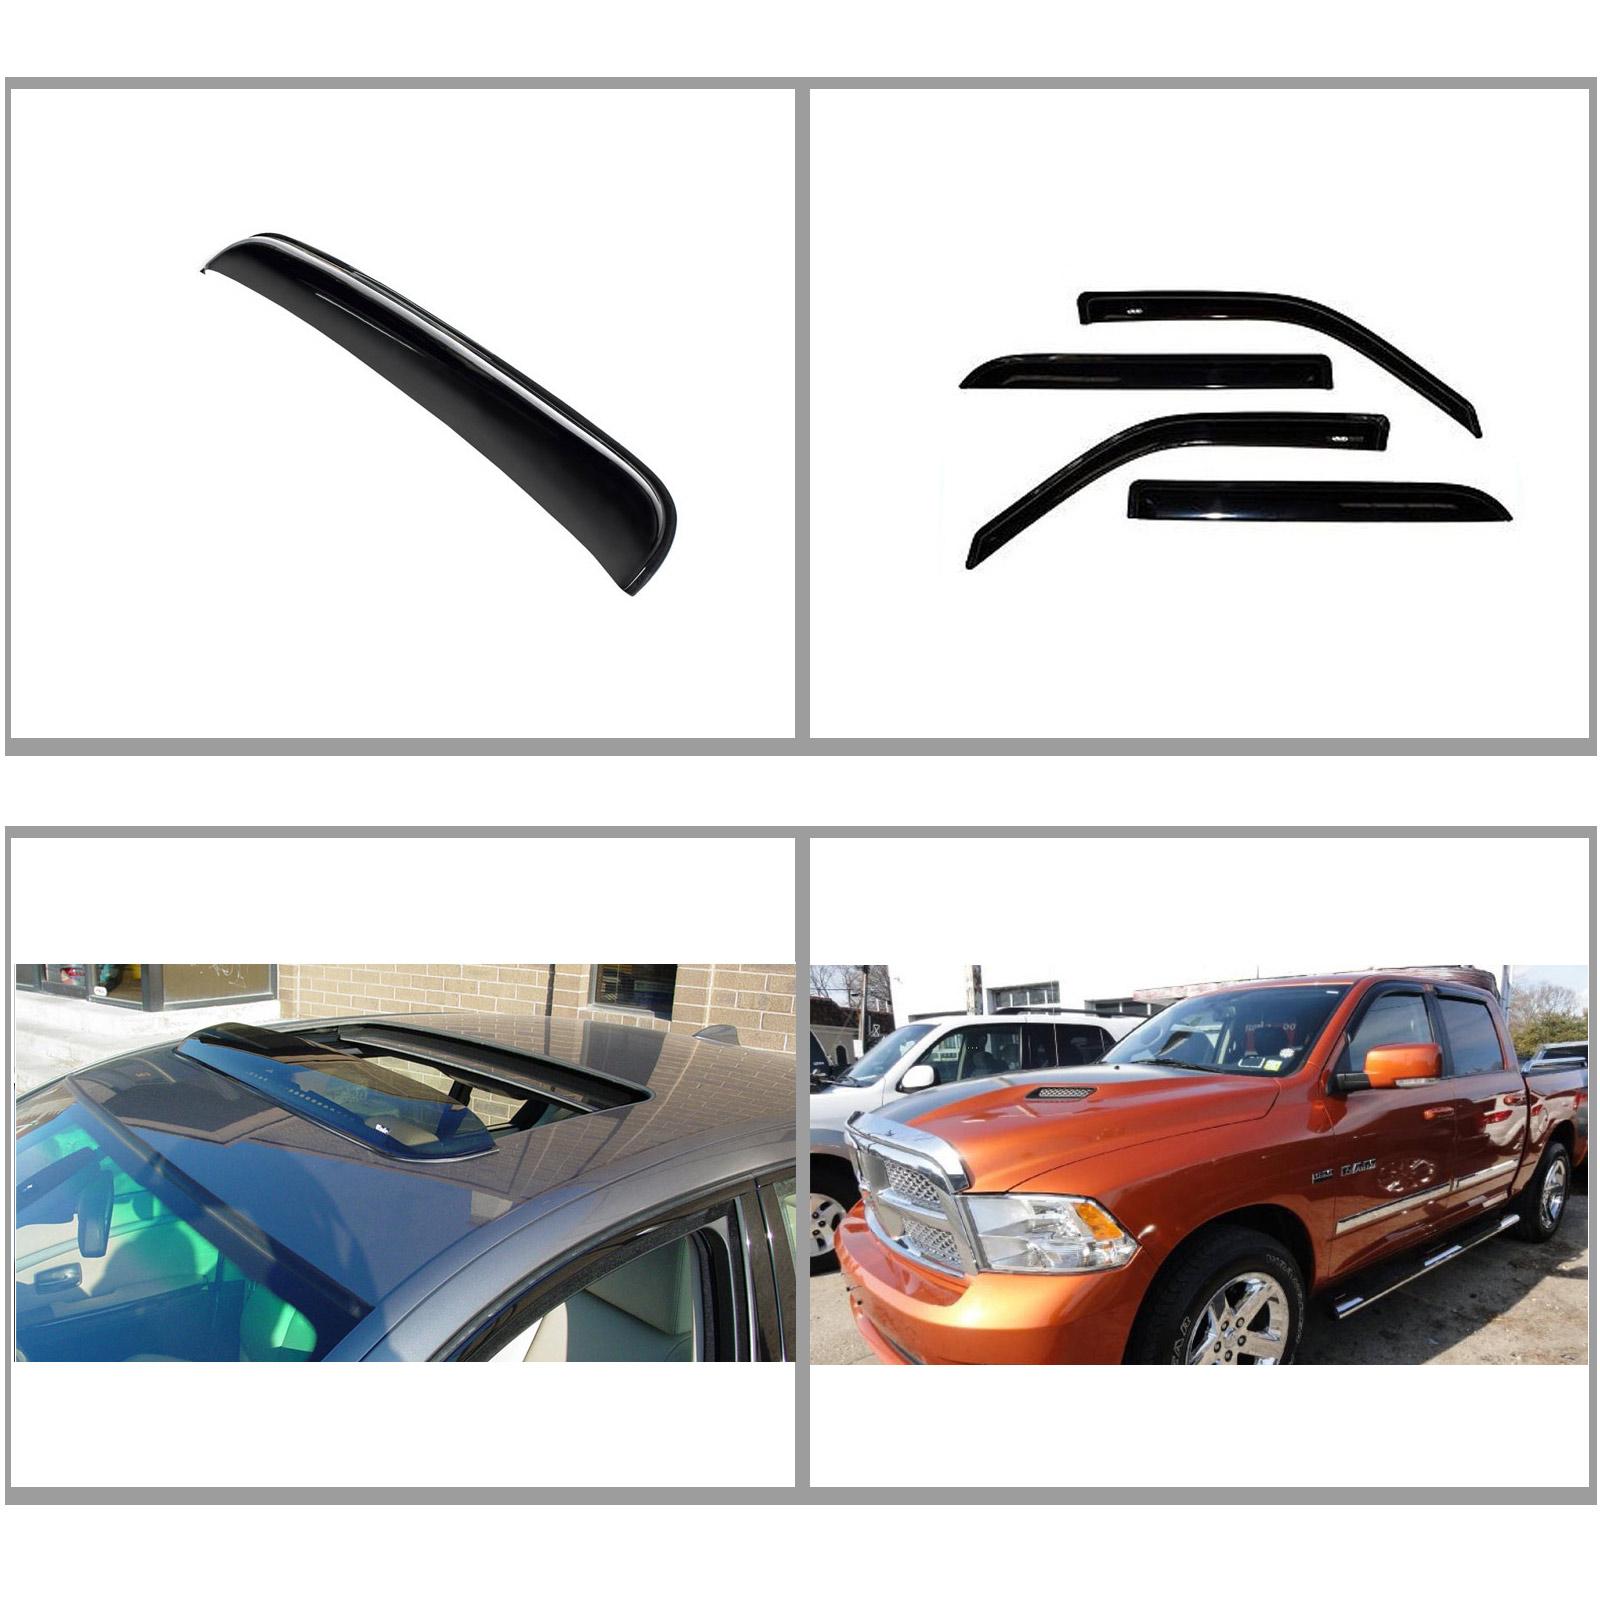 09-18 Dodge Ram 1500 2500 3500 4500 5500 Front Right Side Fender Reinforcement